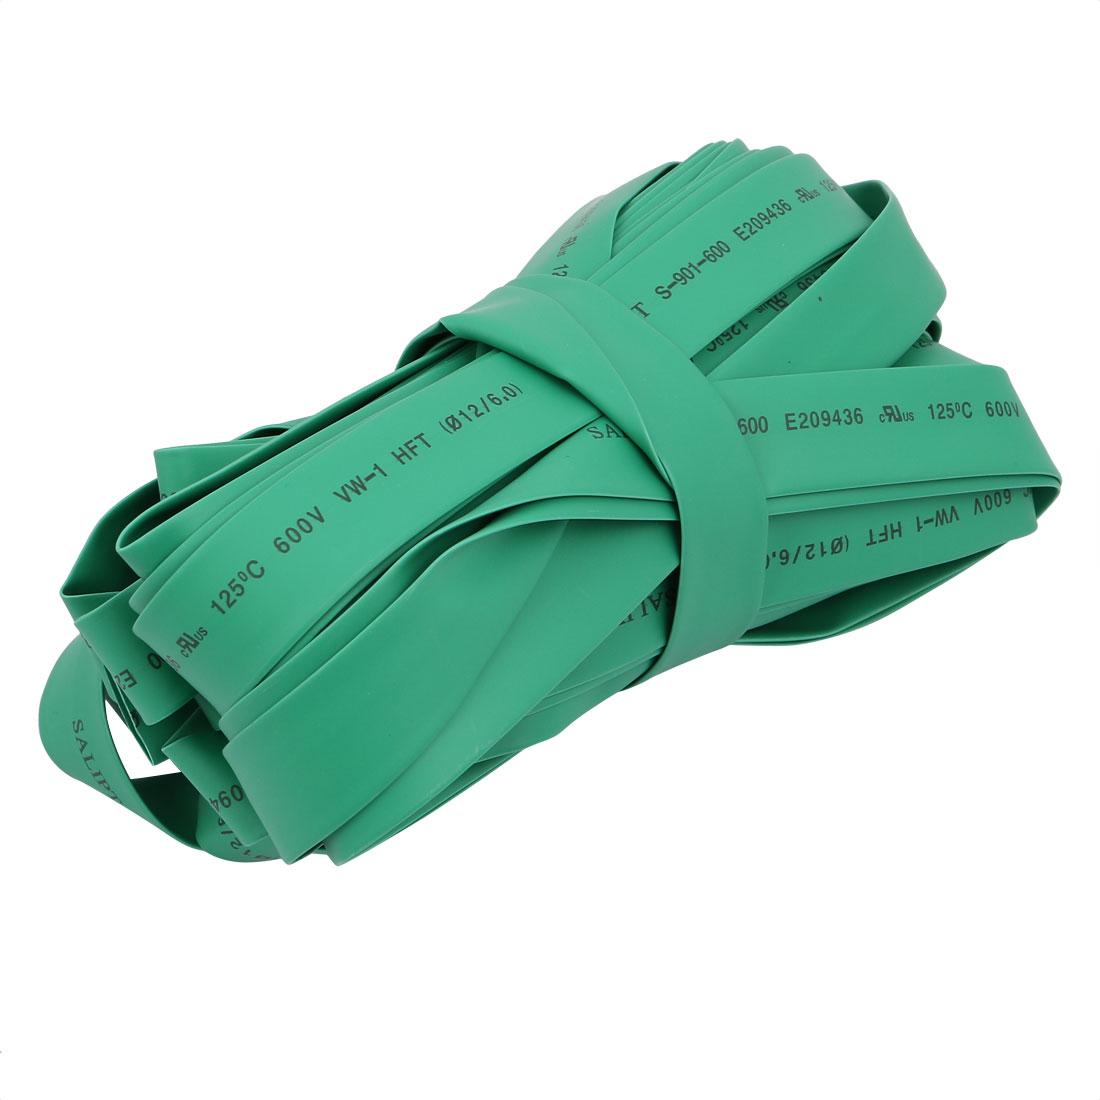 Polyolefin Heat Shrinkable Flame Retardant Tube 15M Length 12mm Inner Dia Green